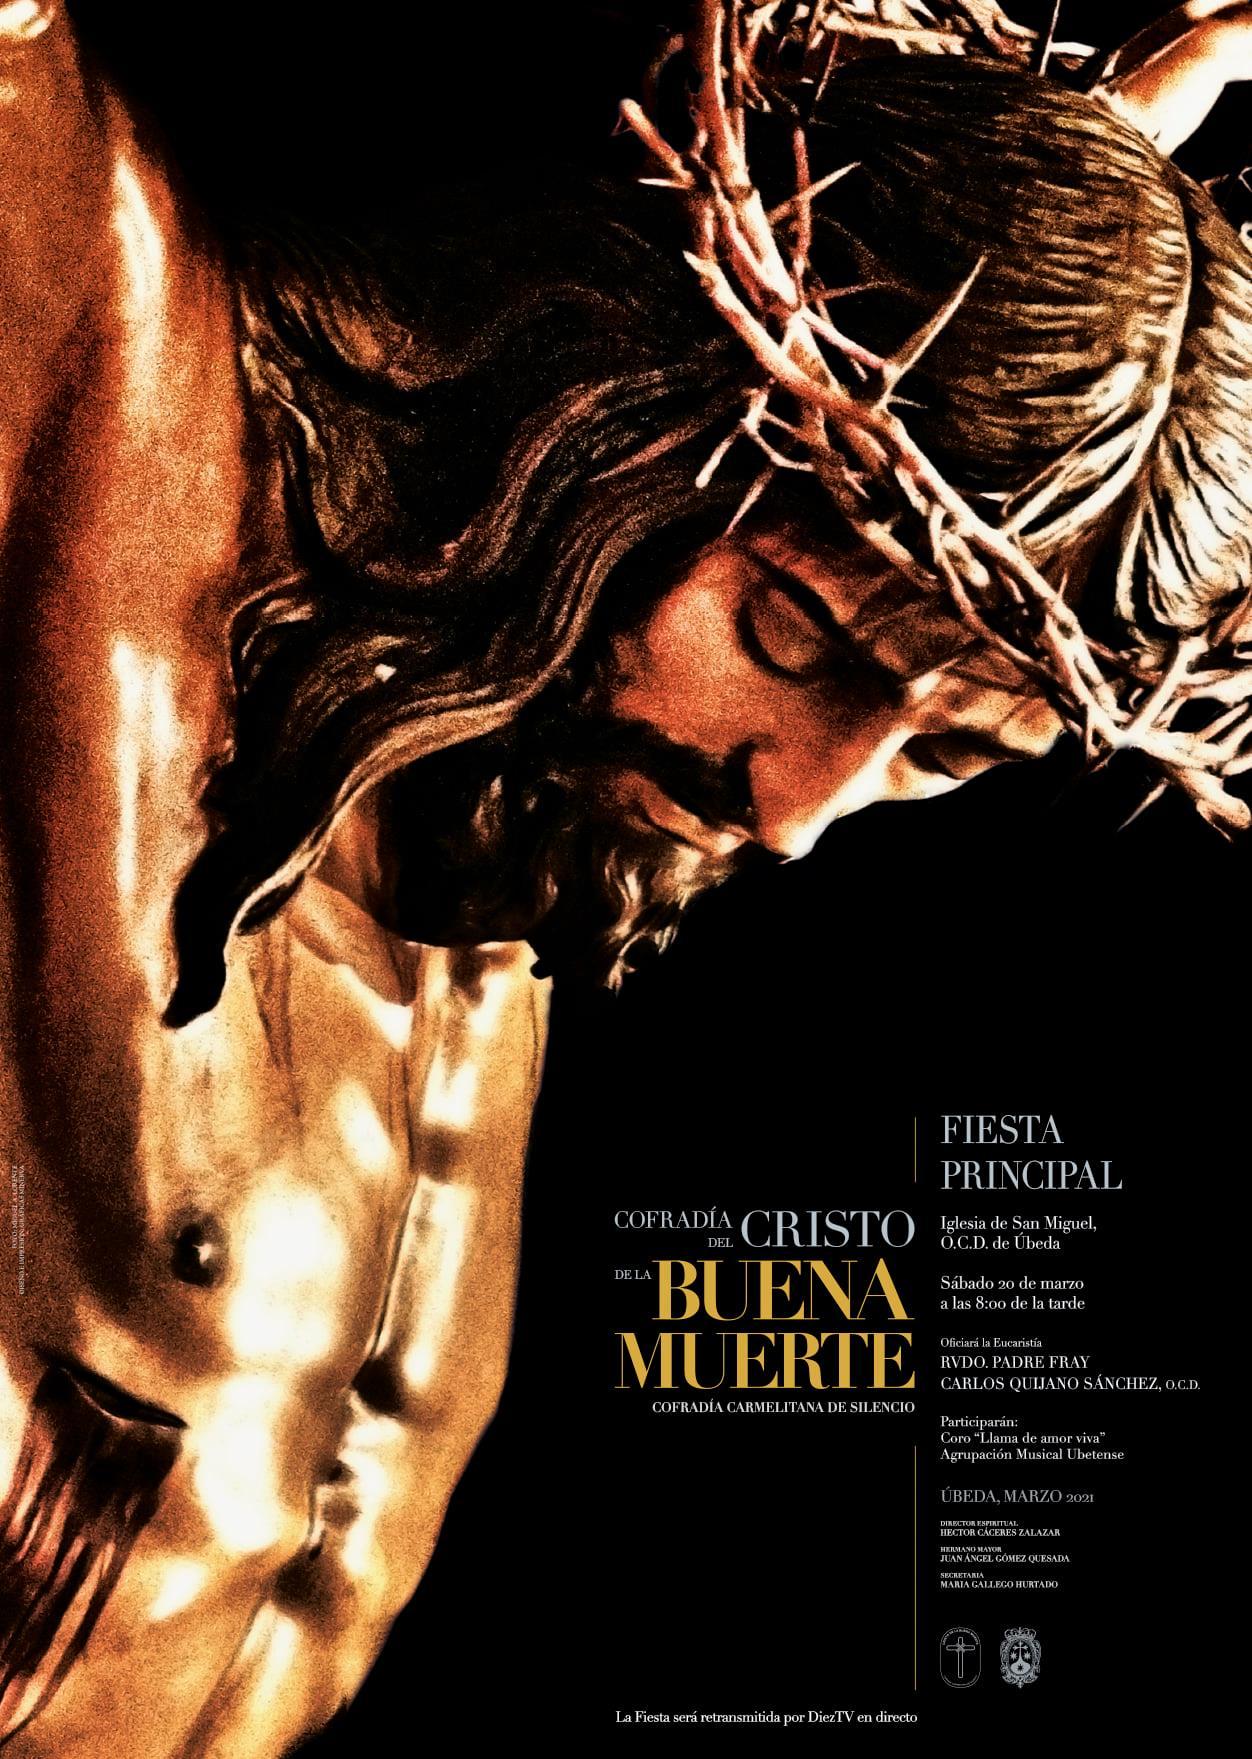 Fiesta Principal Cristo Buena Muerte Úbeda